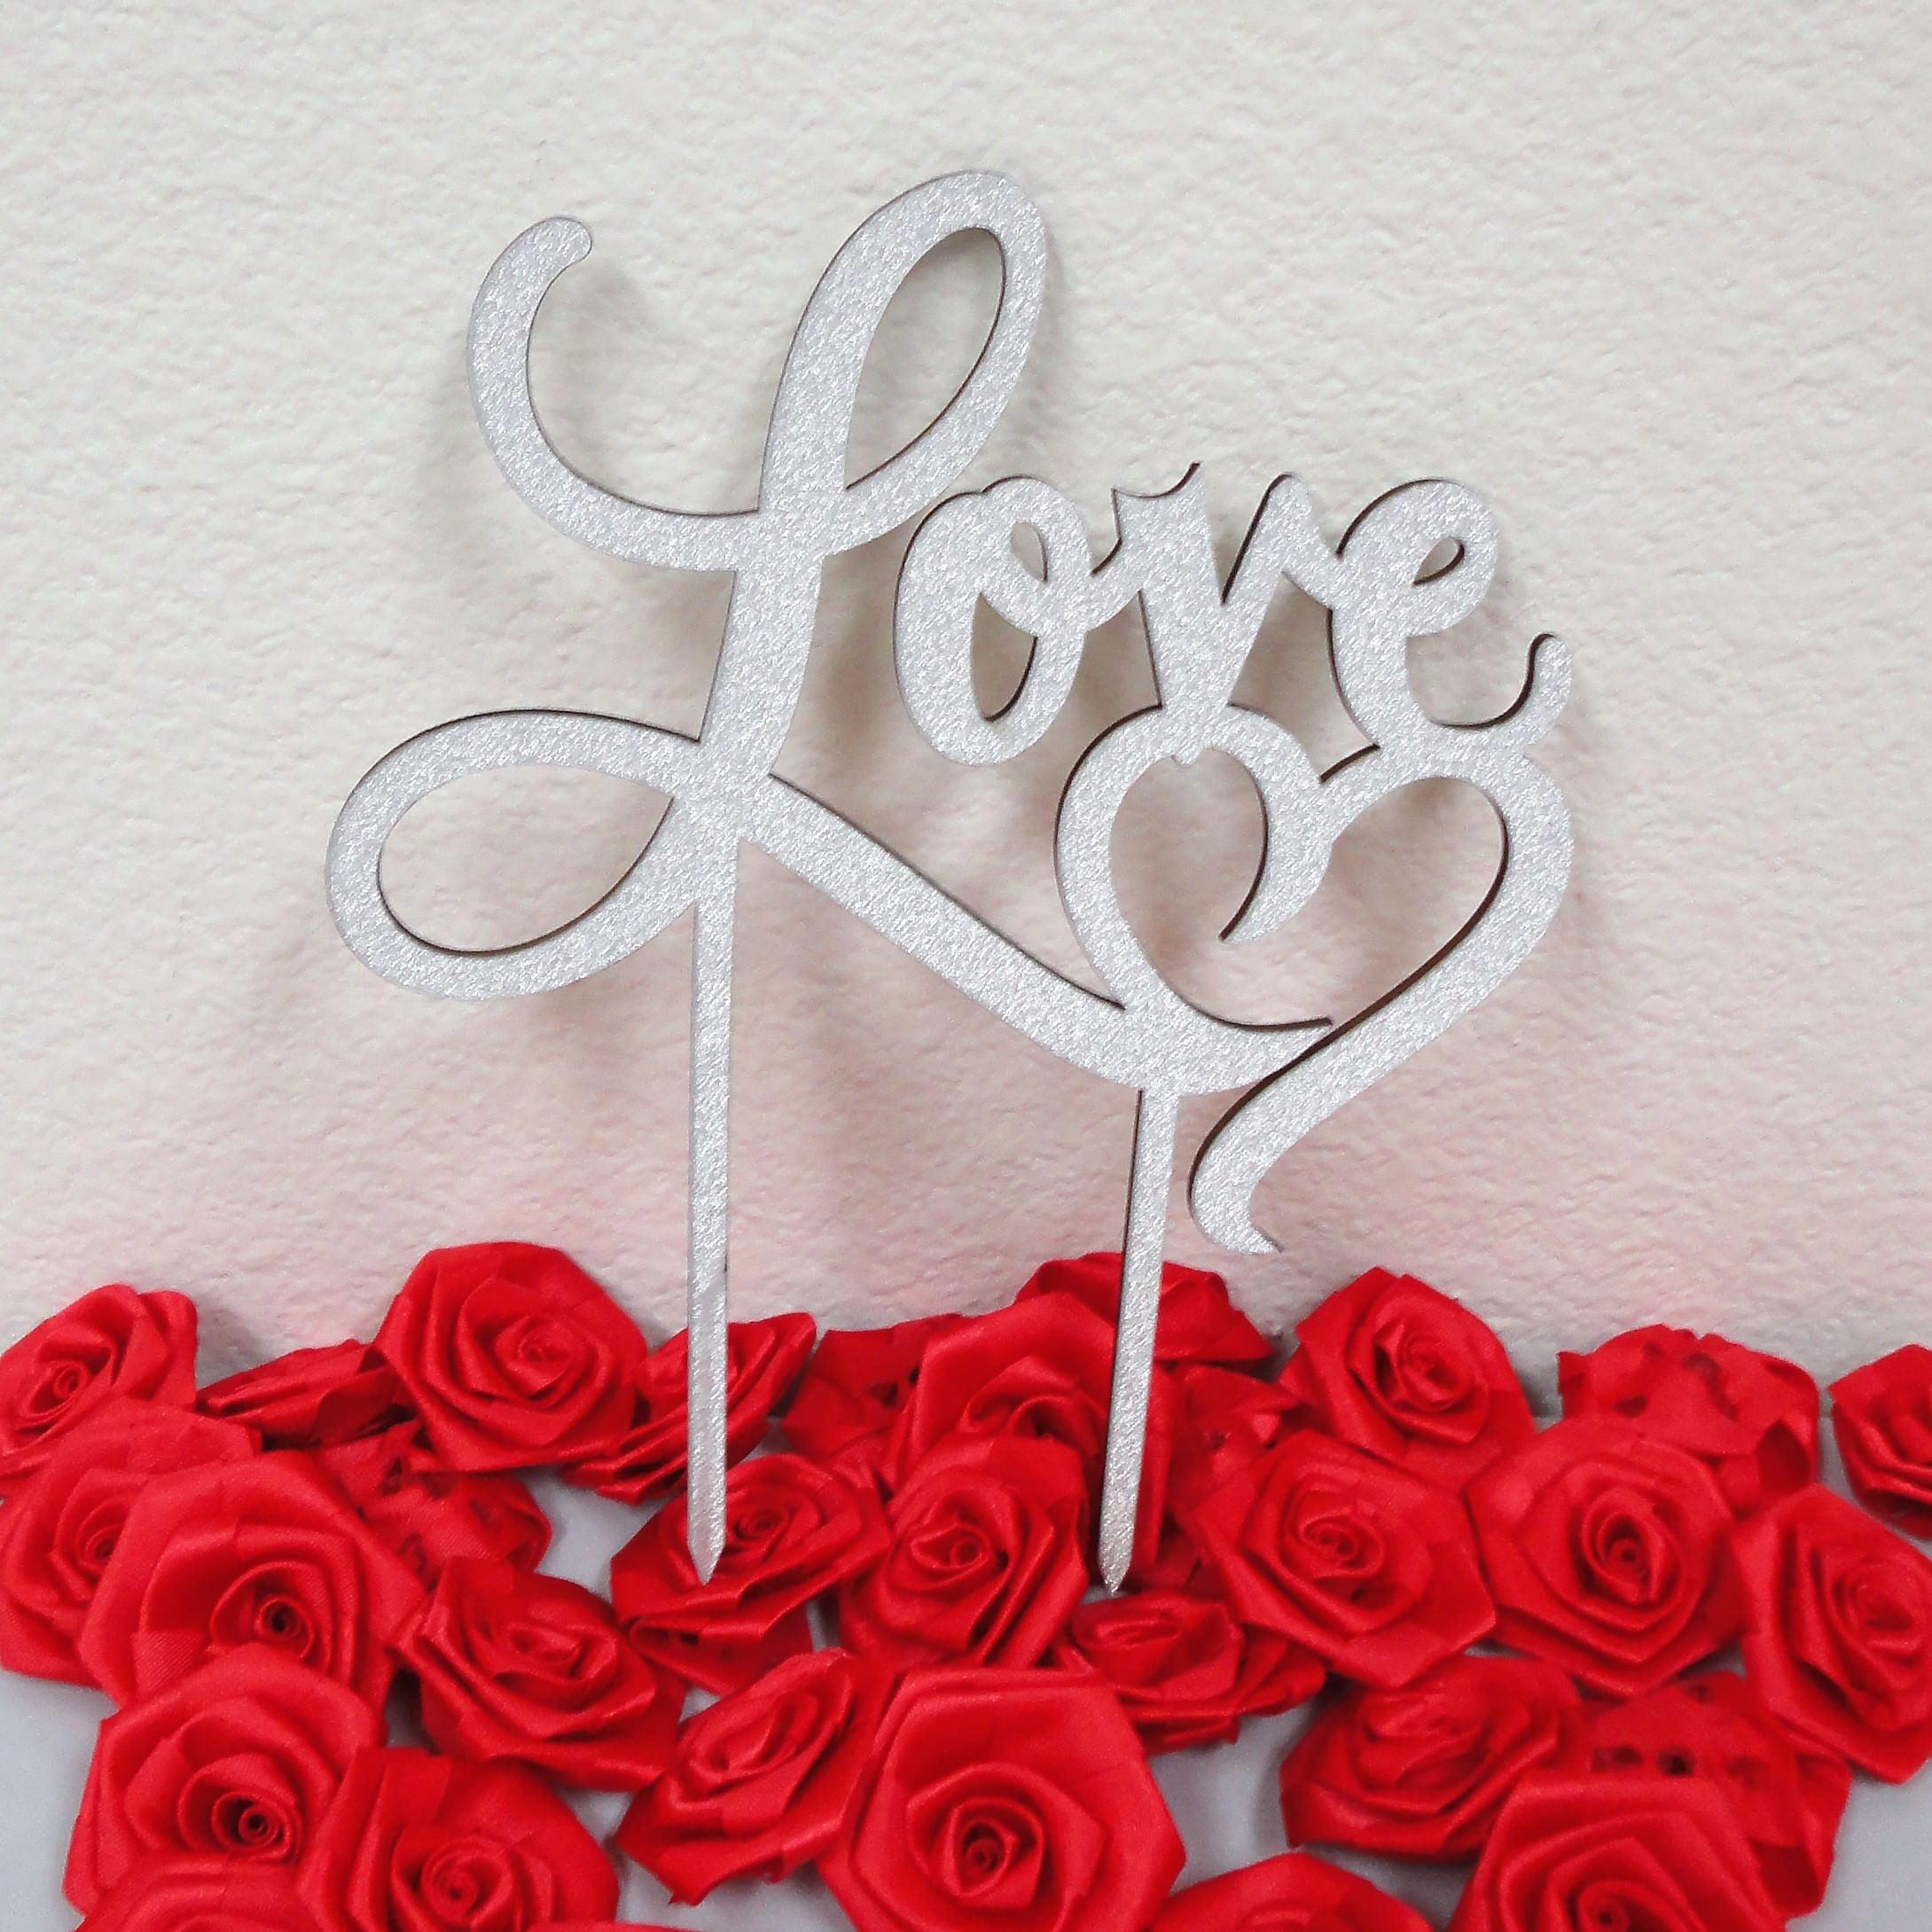 Charmed Love Heart Glittered Cake Topper; Silver